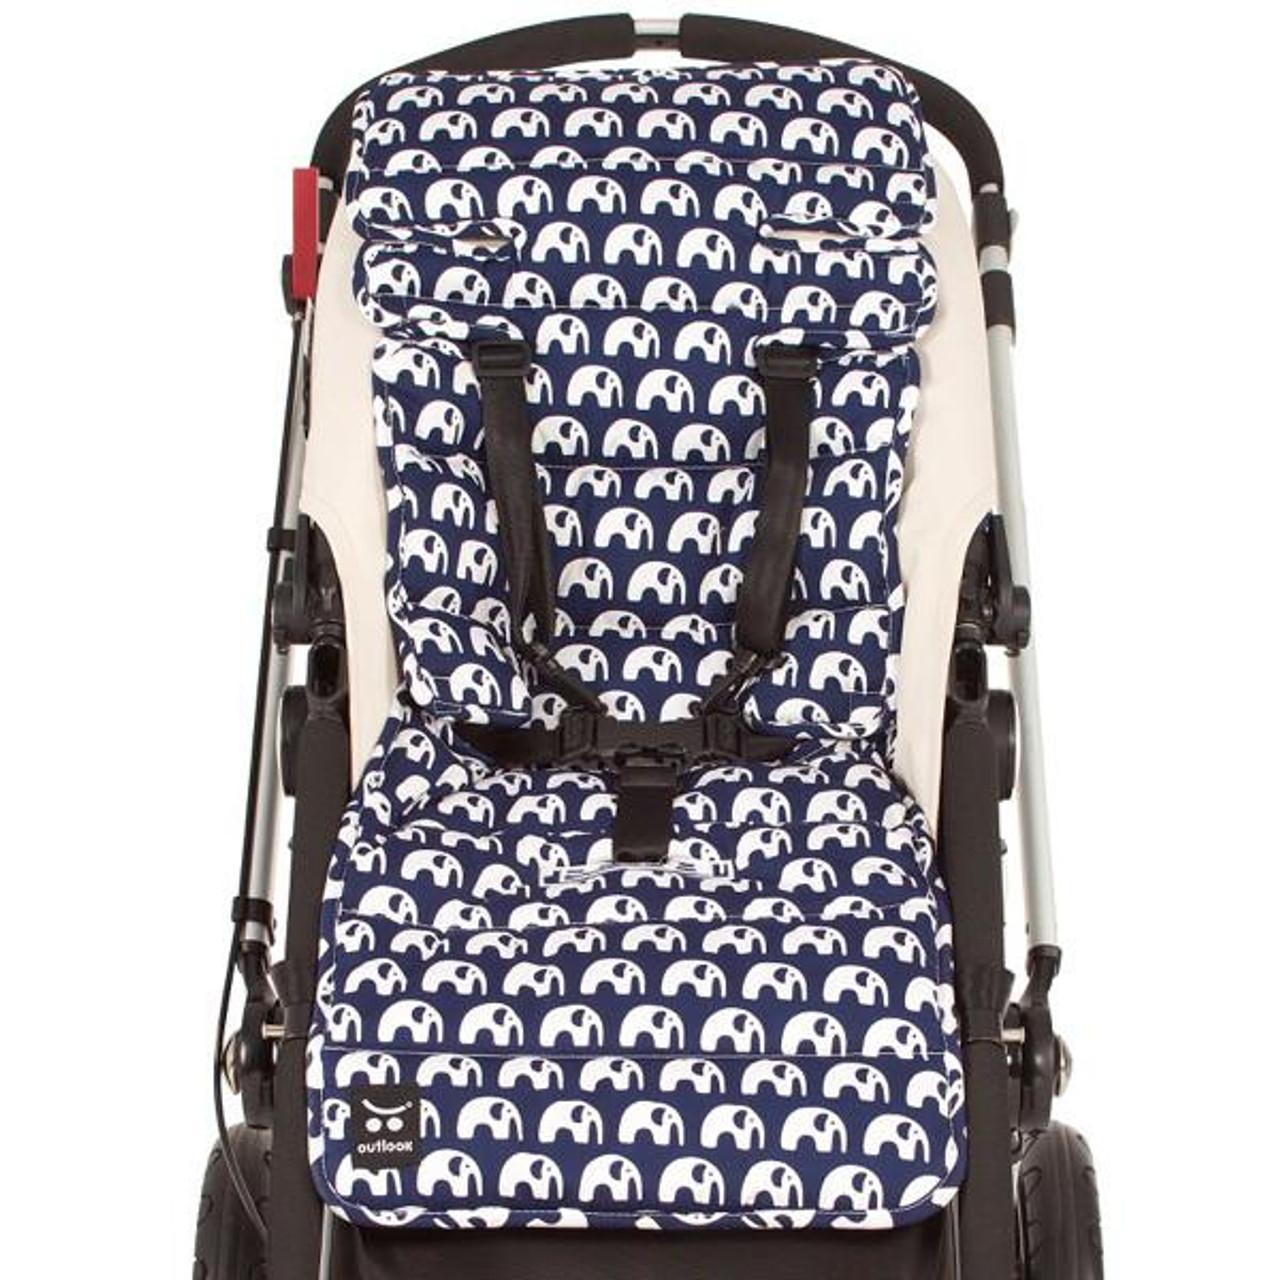 Outlook Pram Liner - BLUE ELEPHANT